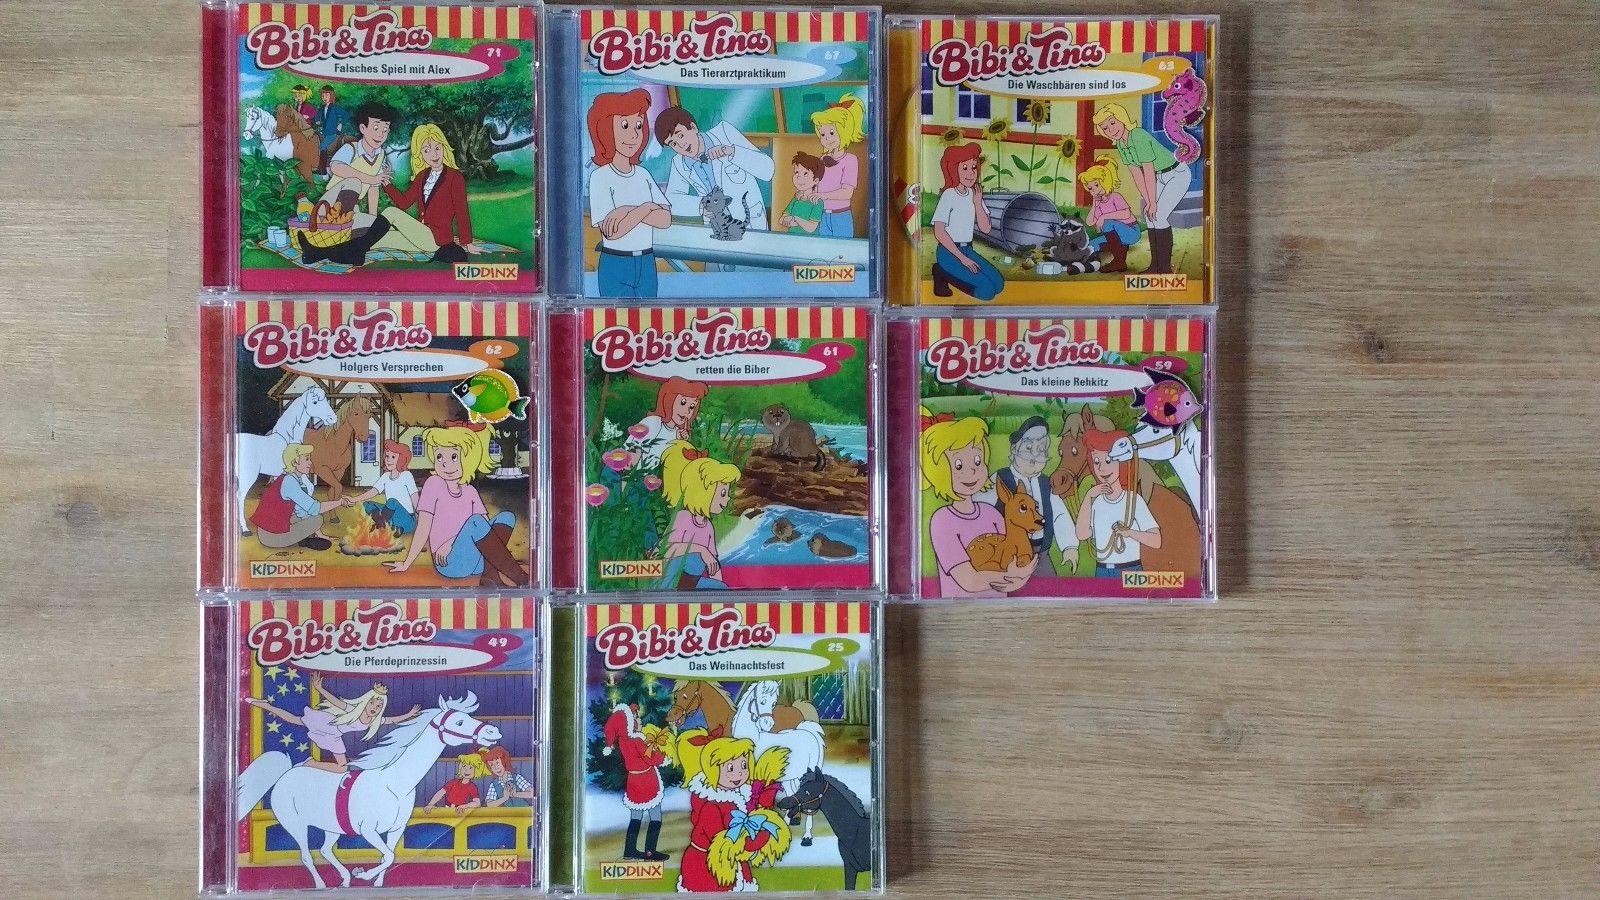 Bibi und Tina 8 verschiedene CD's